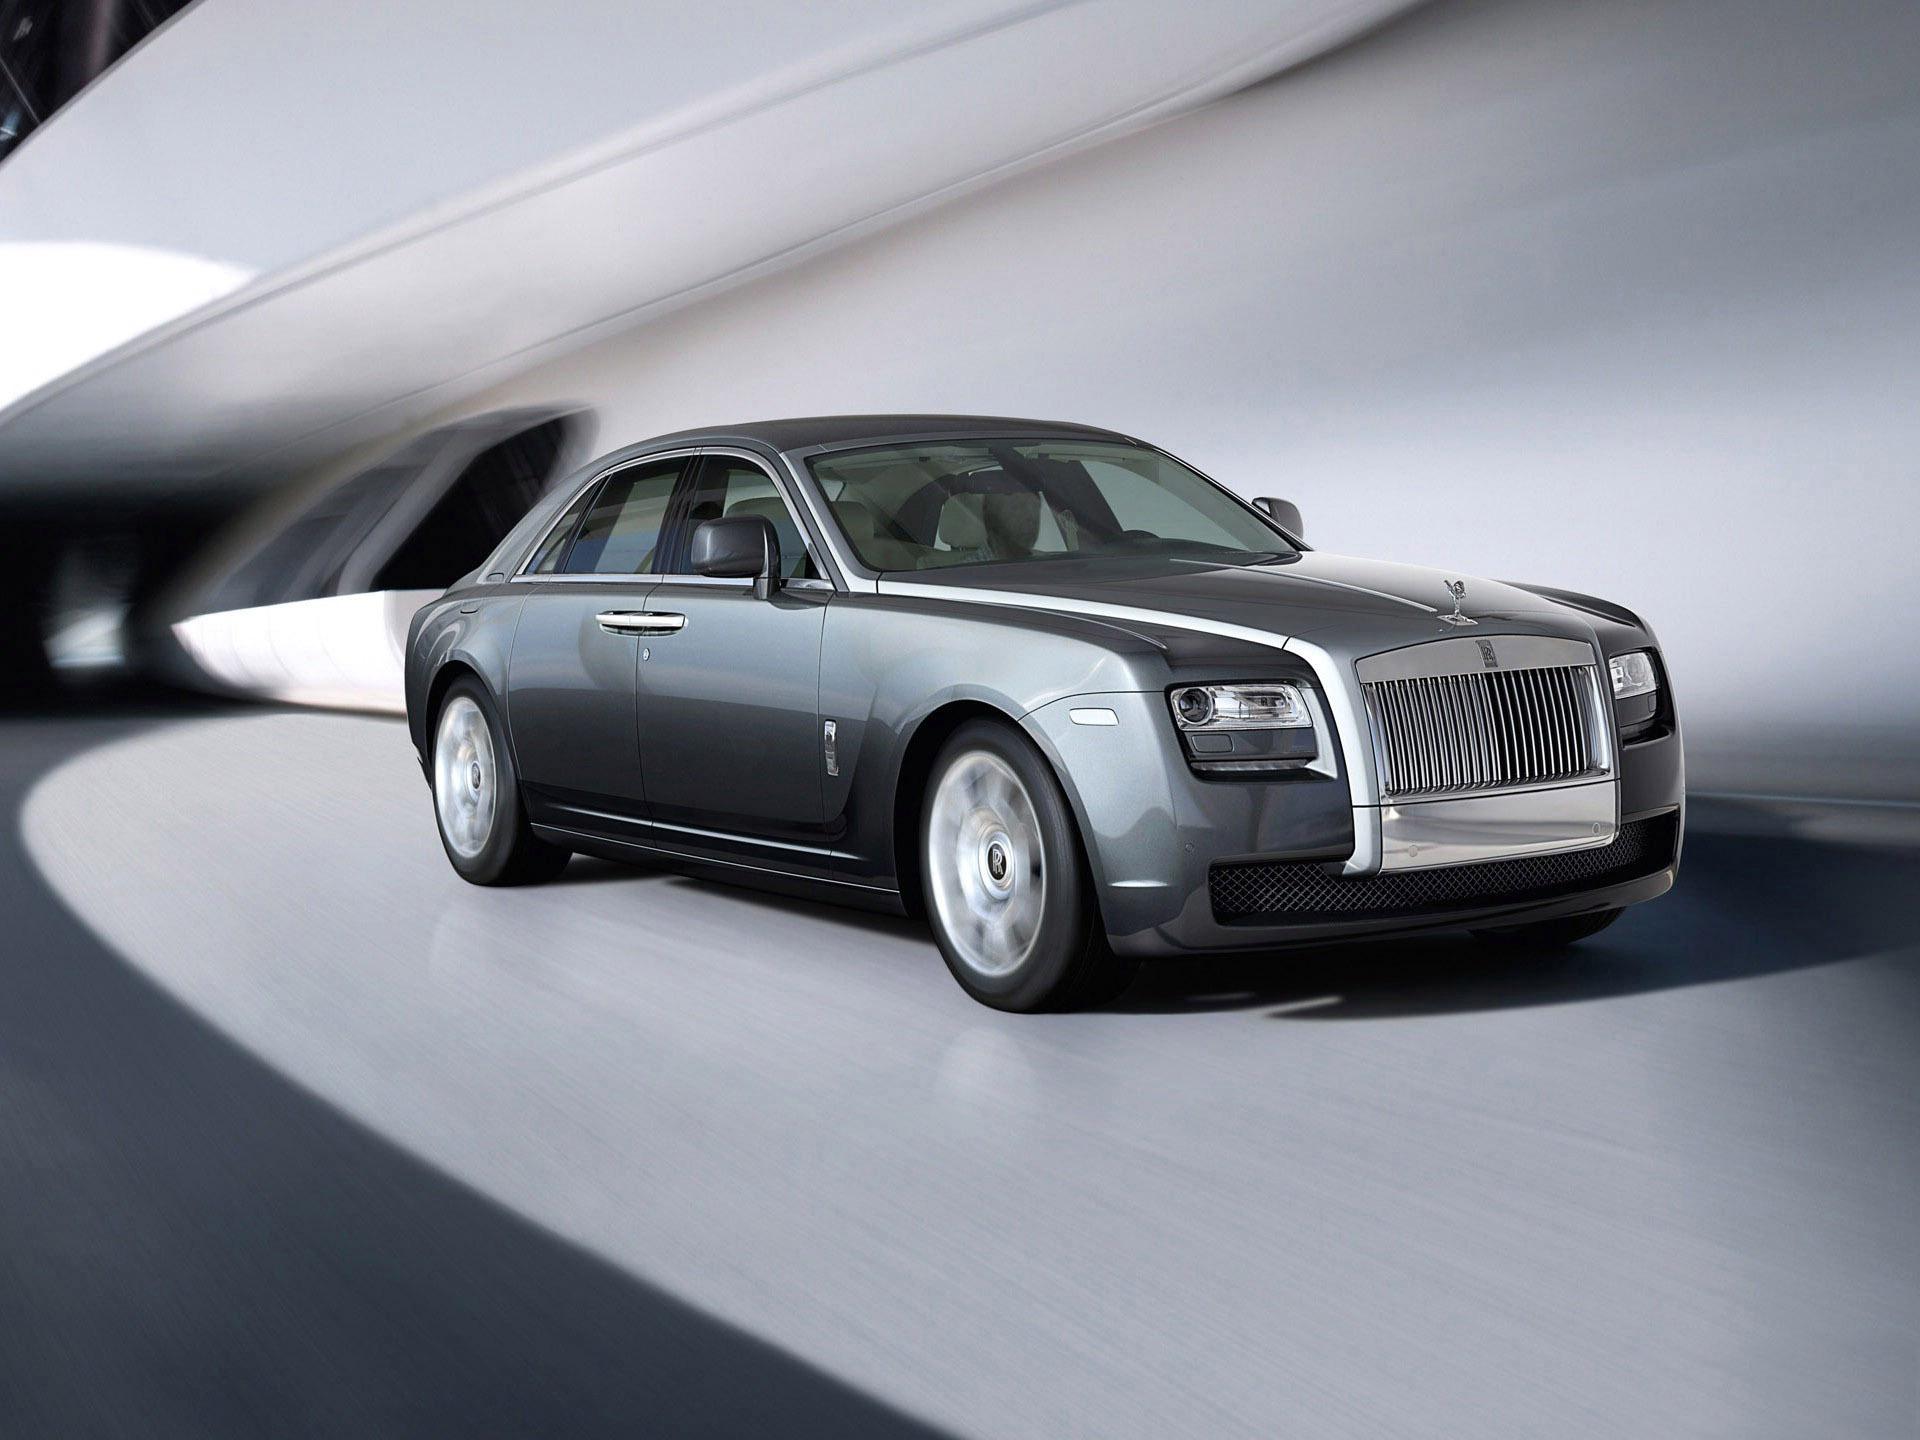 Ghost 3d Rolls Royce Car Hd Wallpaper My Site